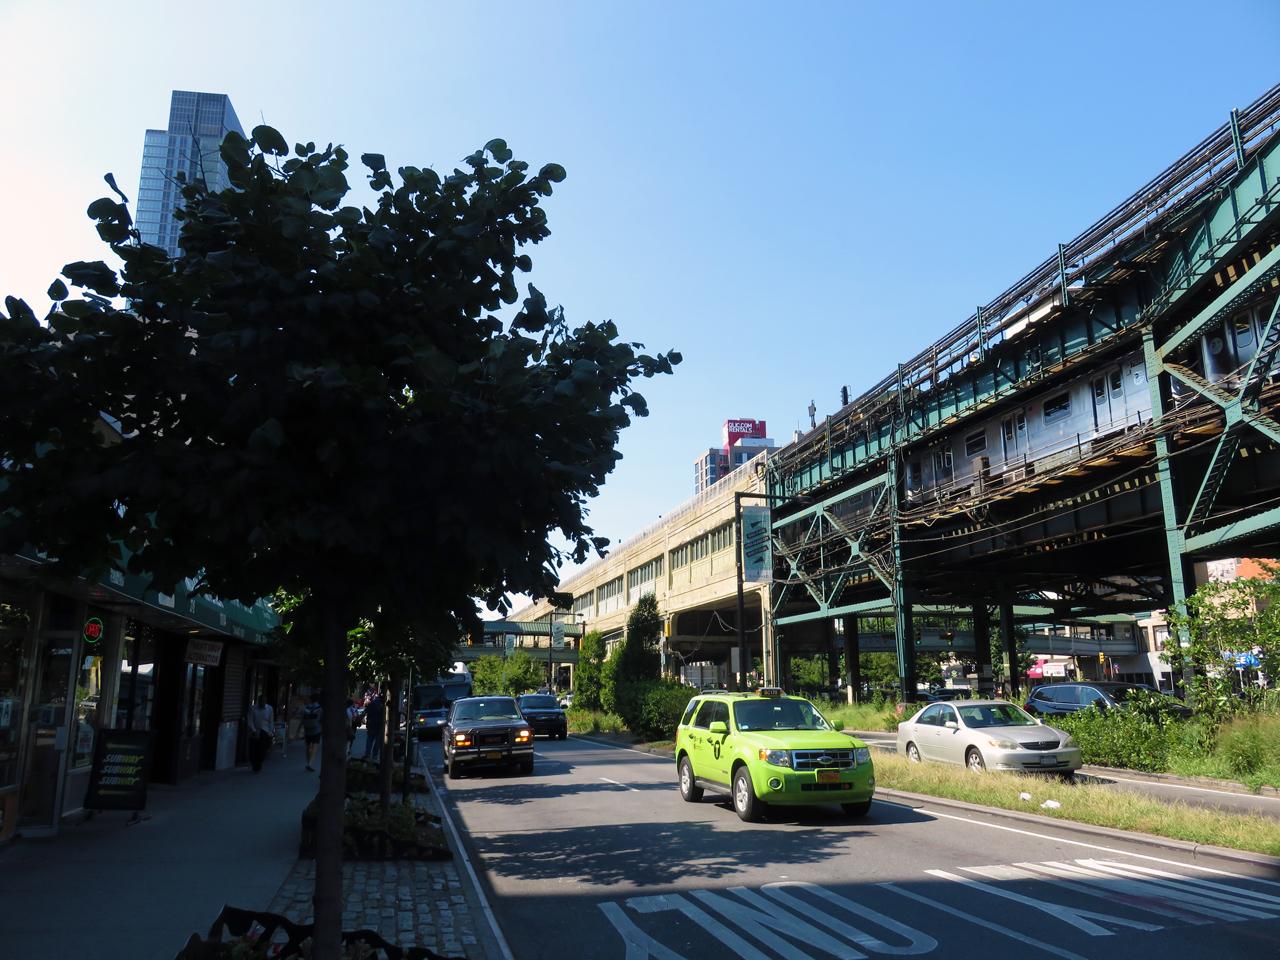 Halfway point between Queens Plaza and Queensboro Plaza (background)